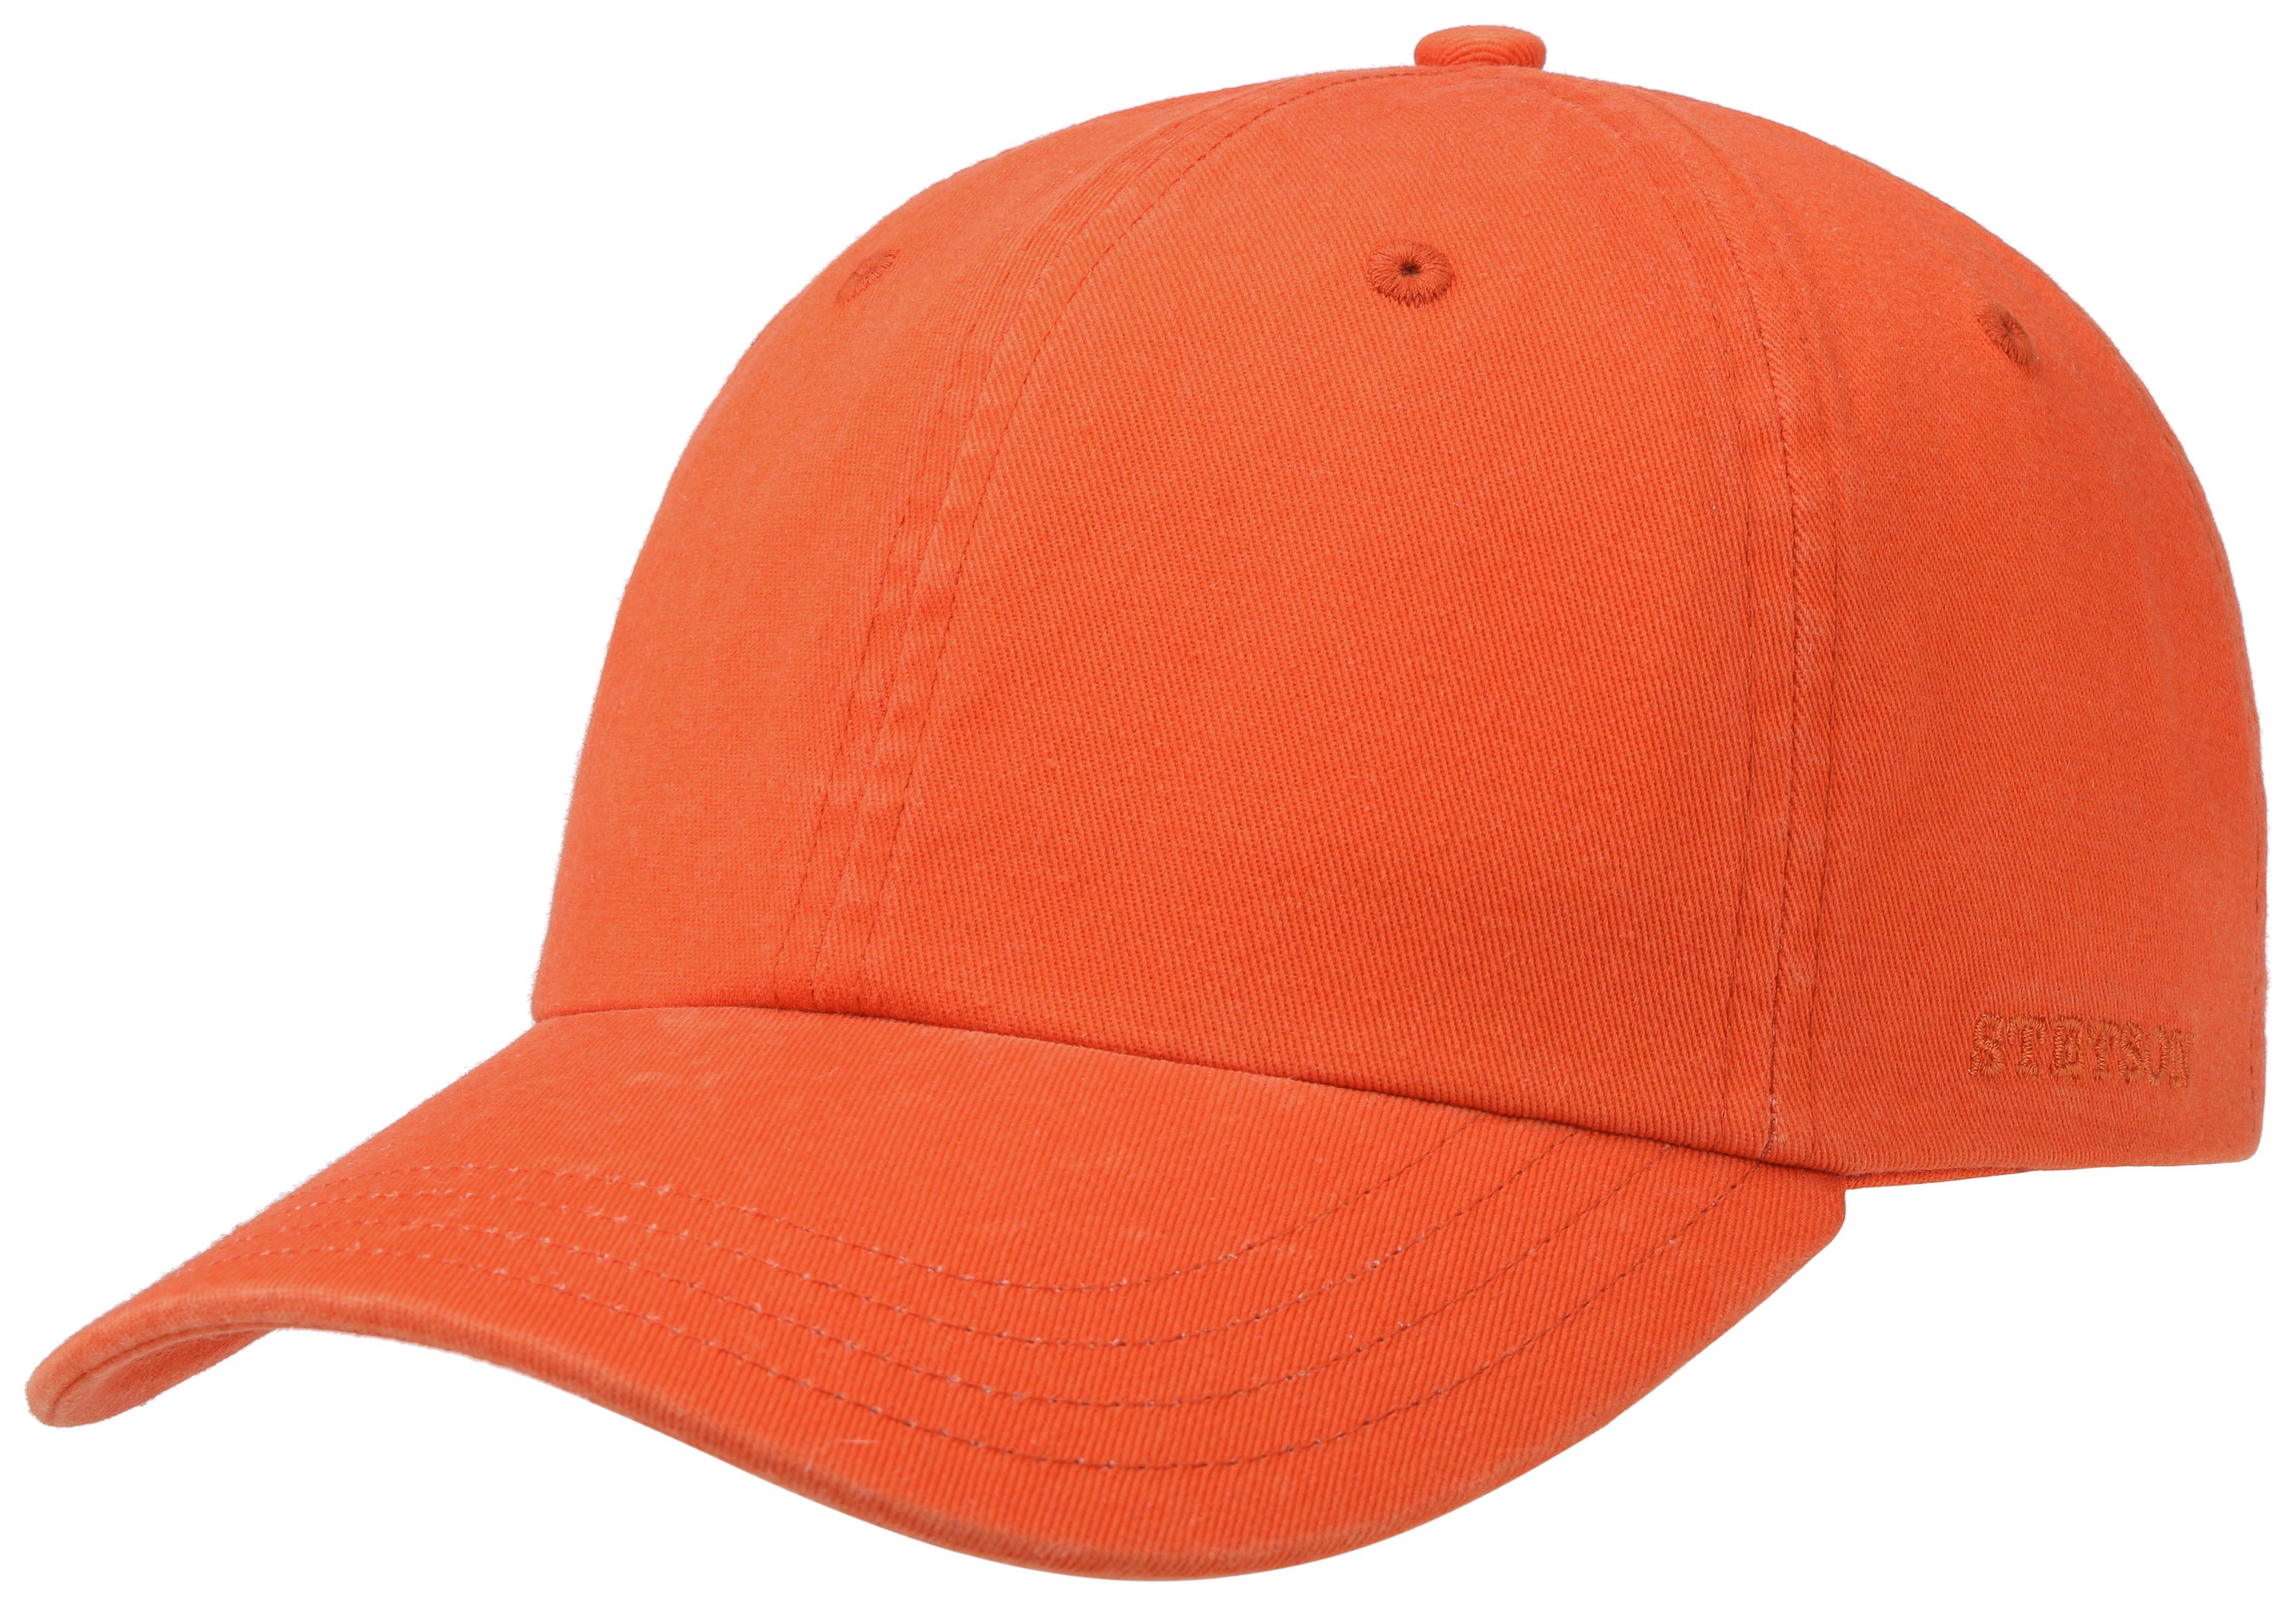 85 orange